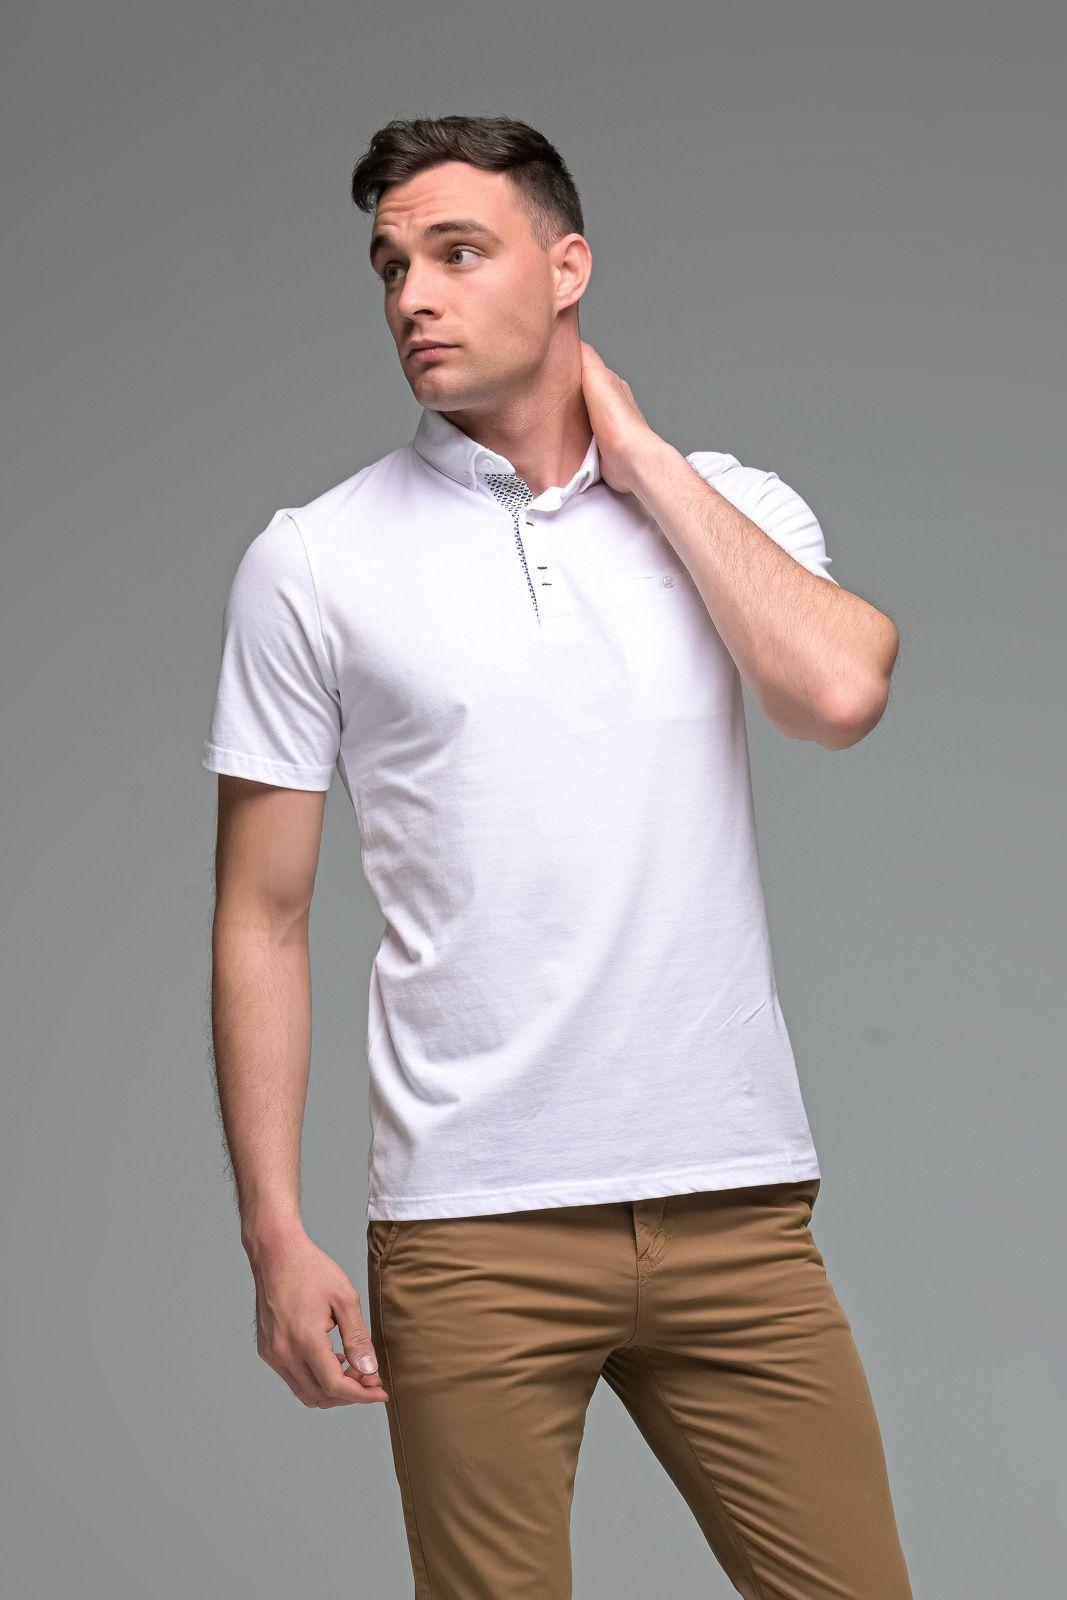 Λευκό Ανδρικό Πόλο Μπλουζάκι με Τσεπάκι